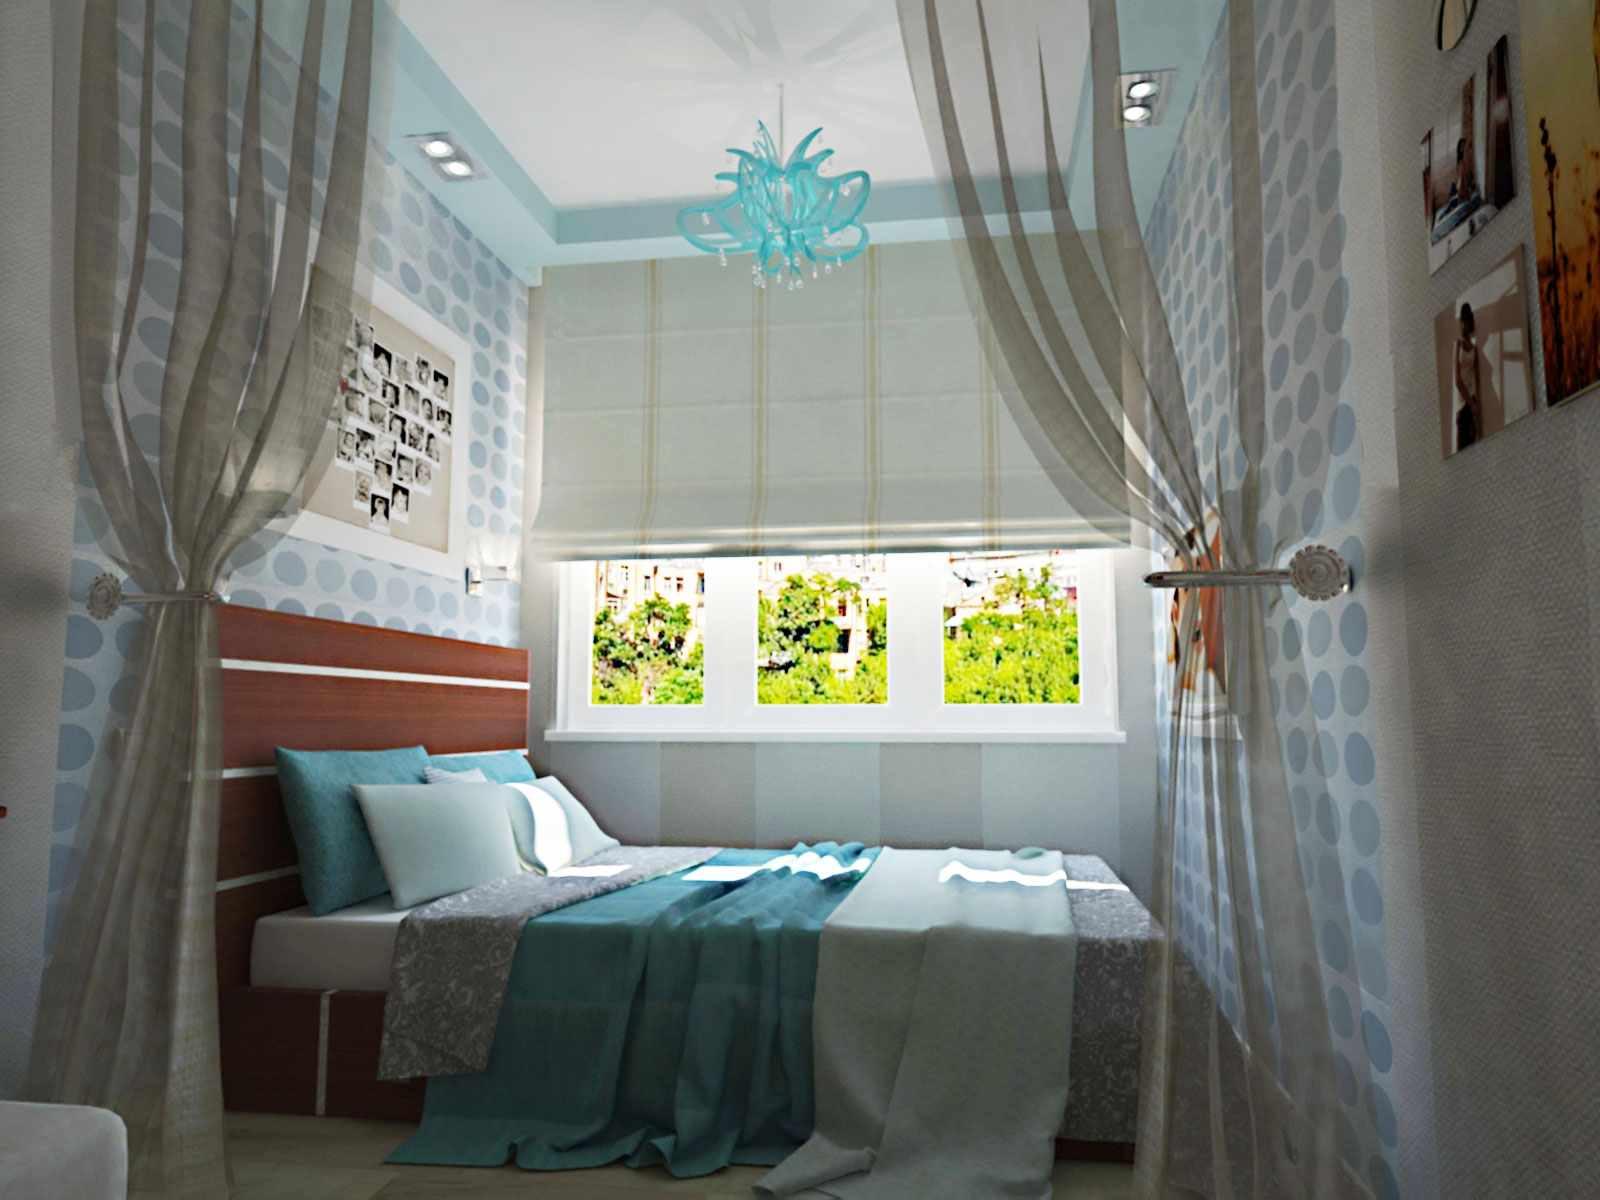 l'idée d'un intérieur insolite d'une chambre étroite